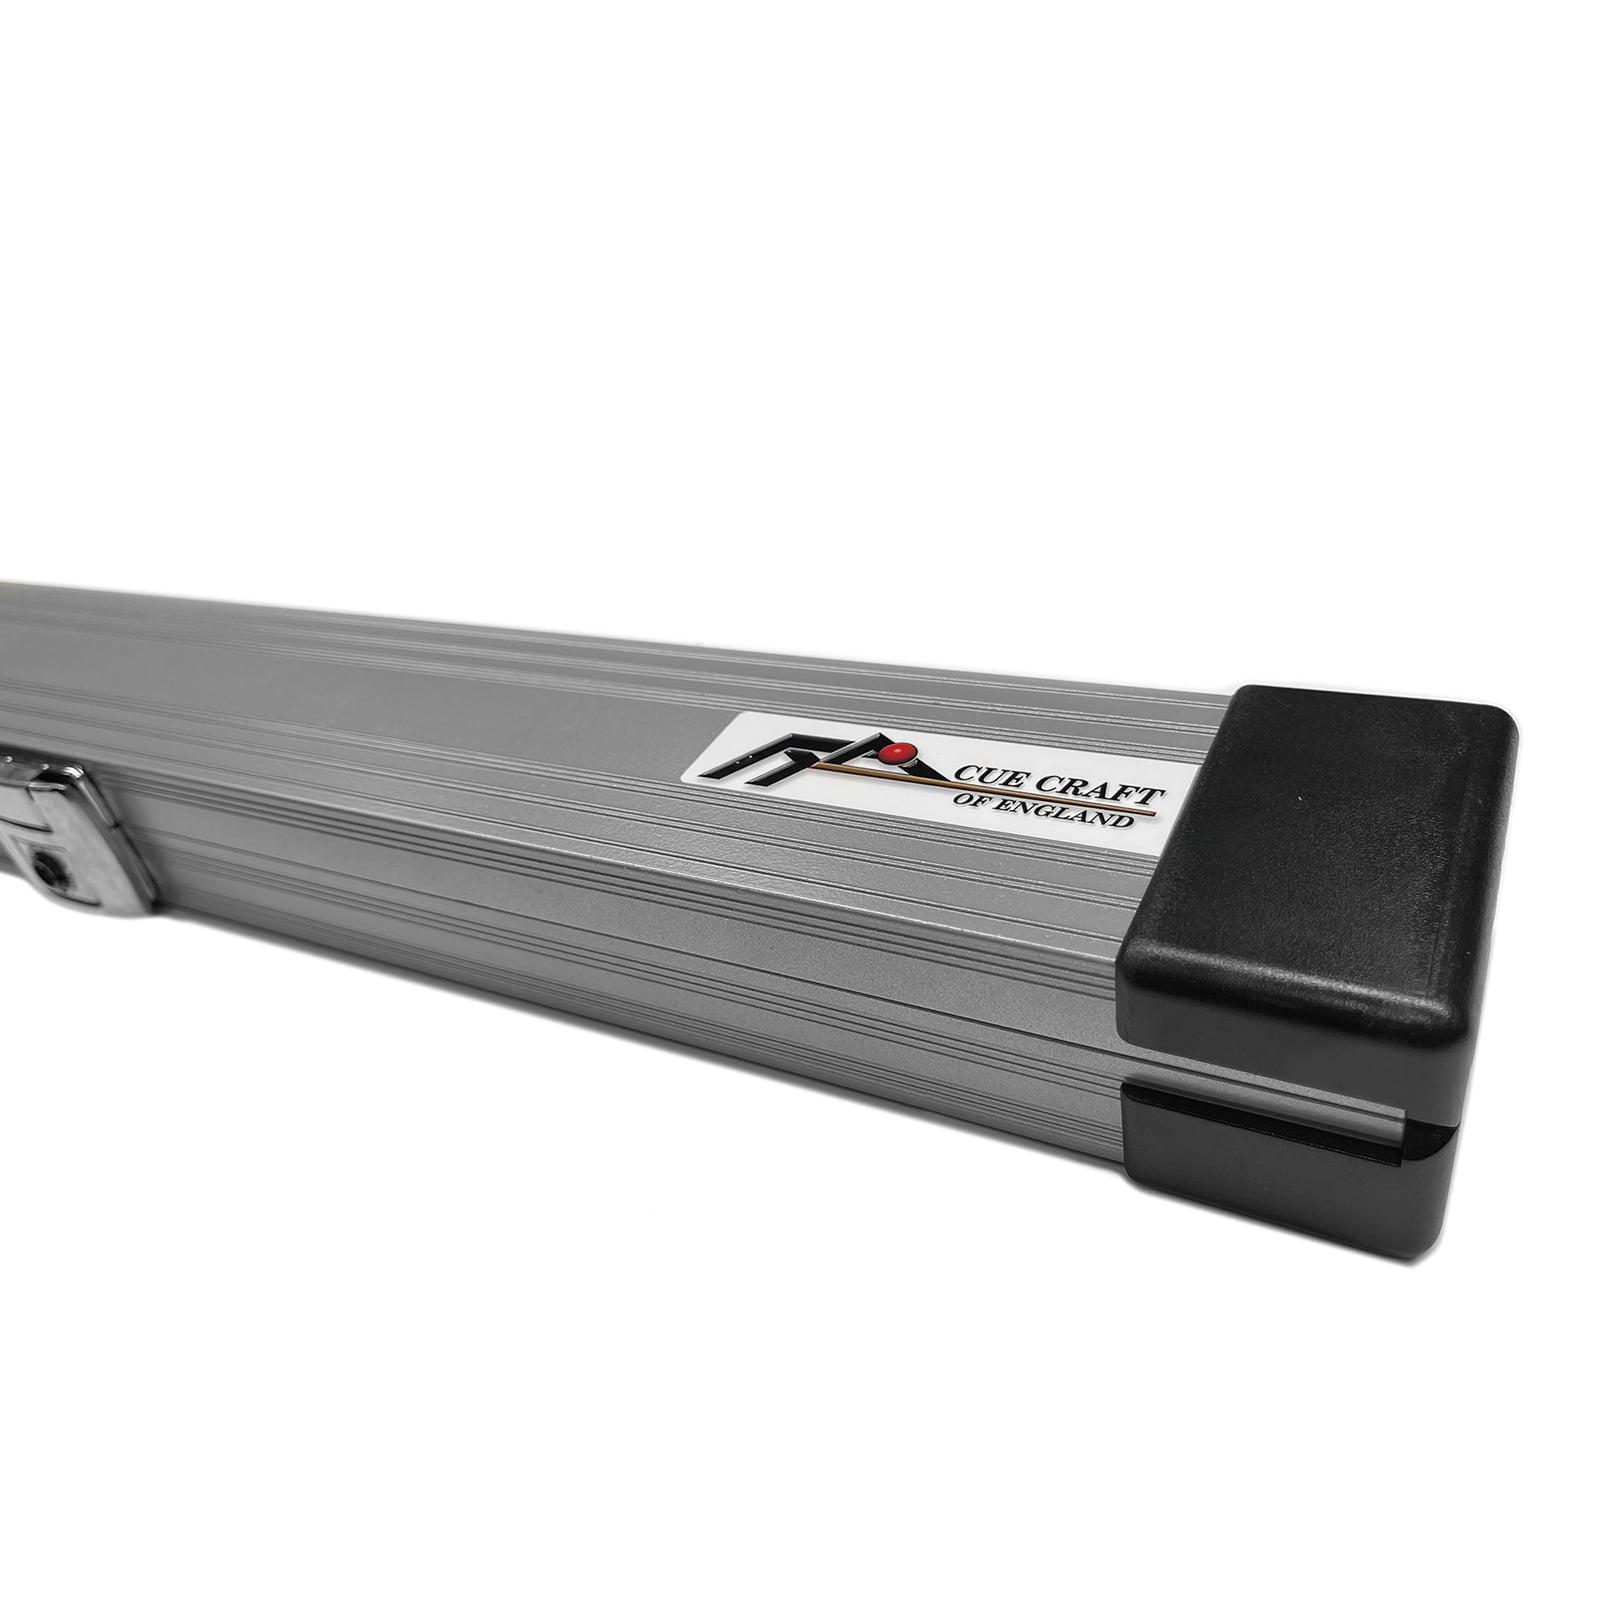 Cue Craft Powder Silver 1 Piece Aluminium Snooker Cue Case